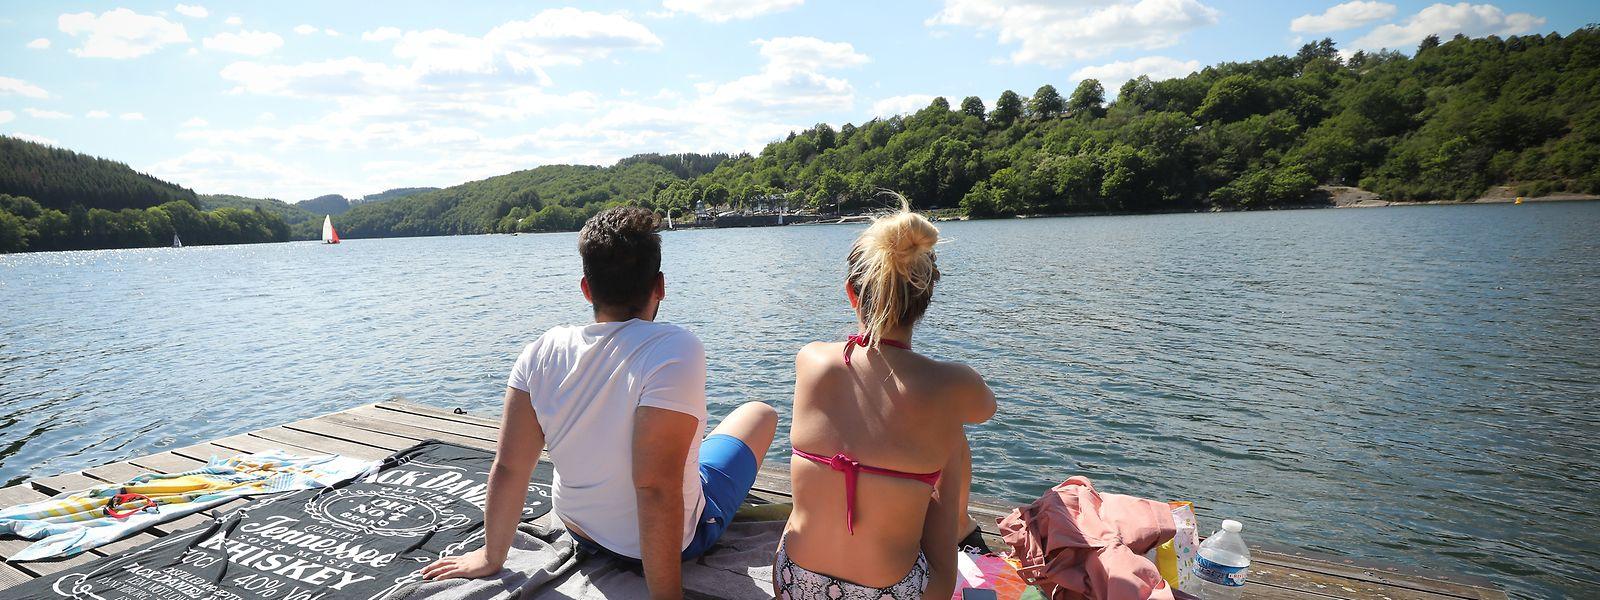 Ab Samstag kann man den Aufenthalt an den Badeufern des Stausees an den Wochenenden nur mehr nach Anmeldung genießen.